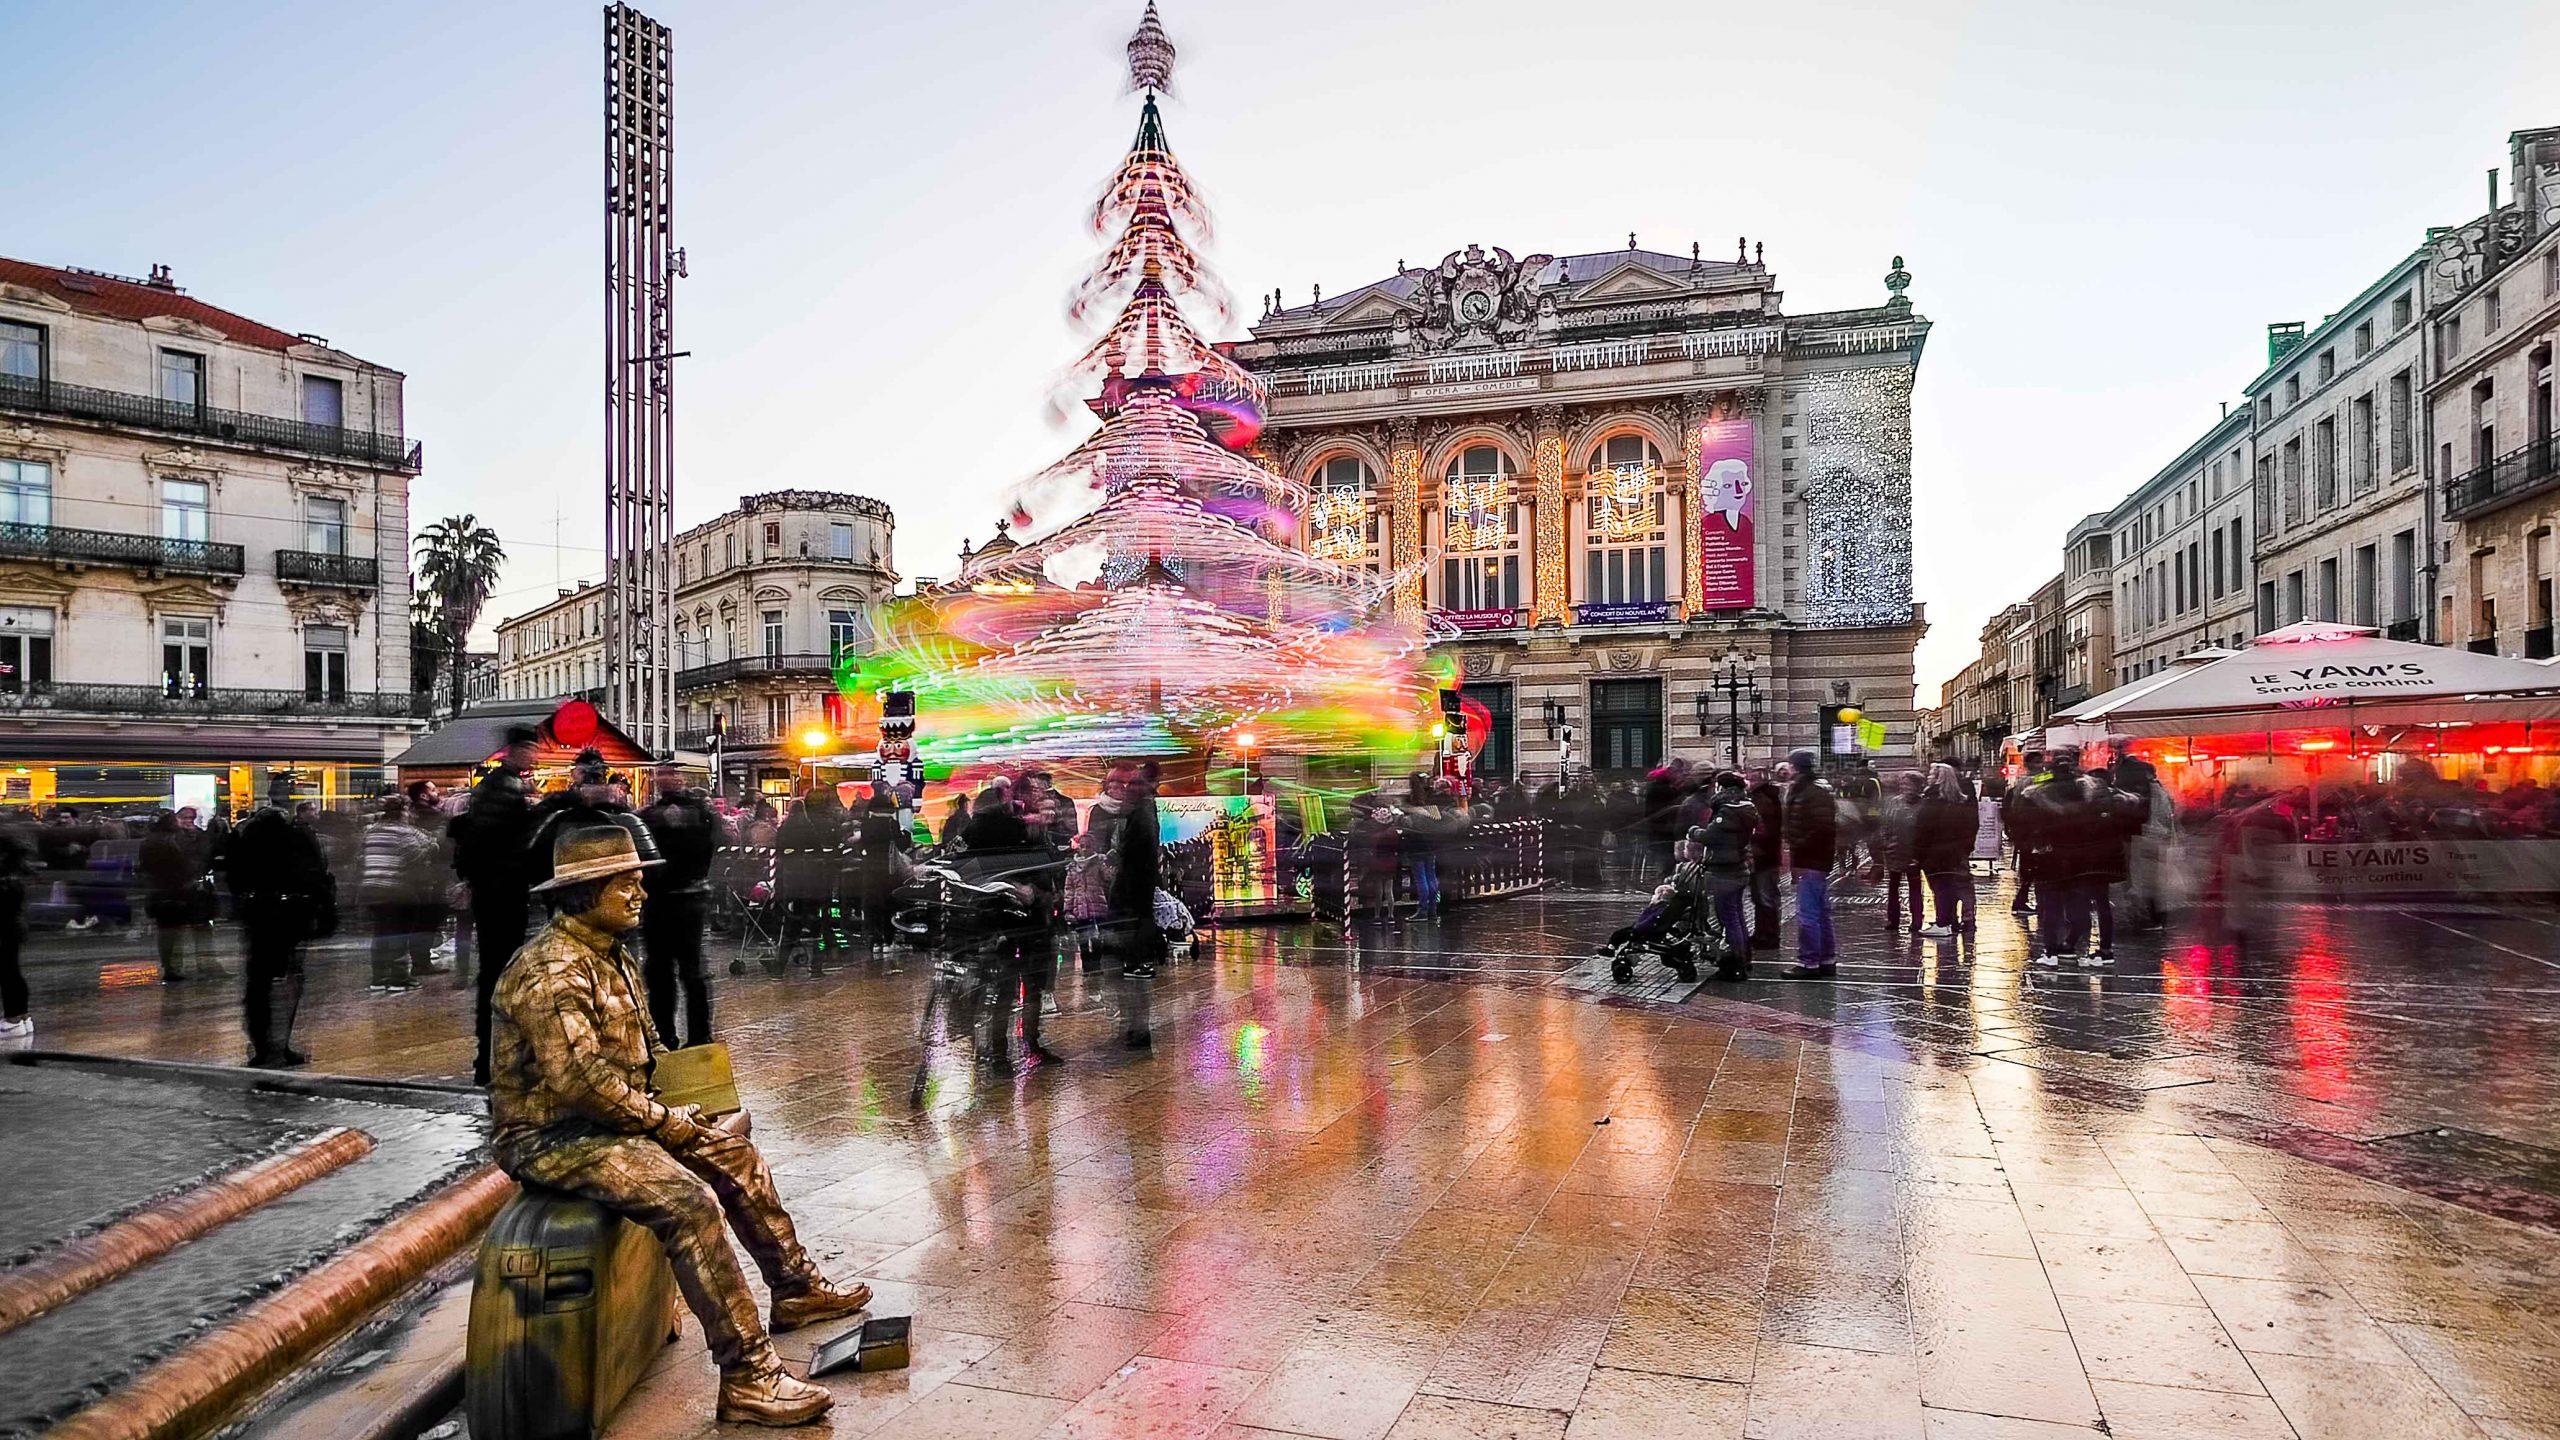 Photograph of a place de la Comédie processed with HDRinstant